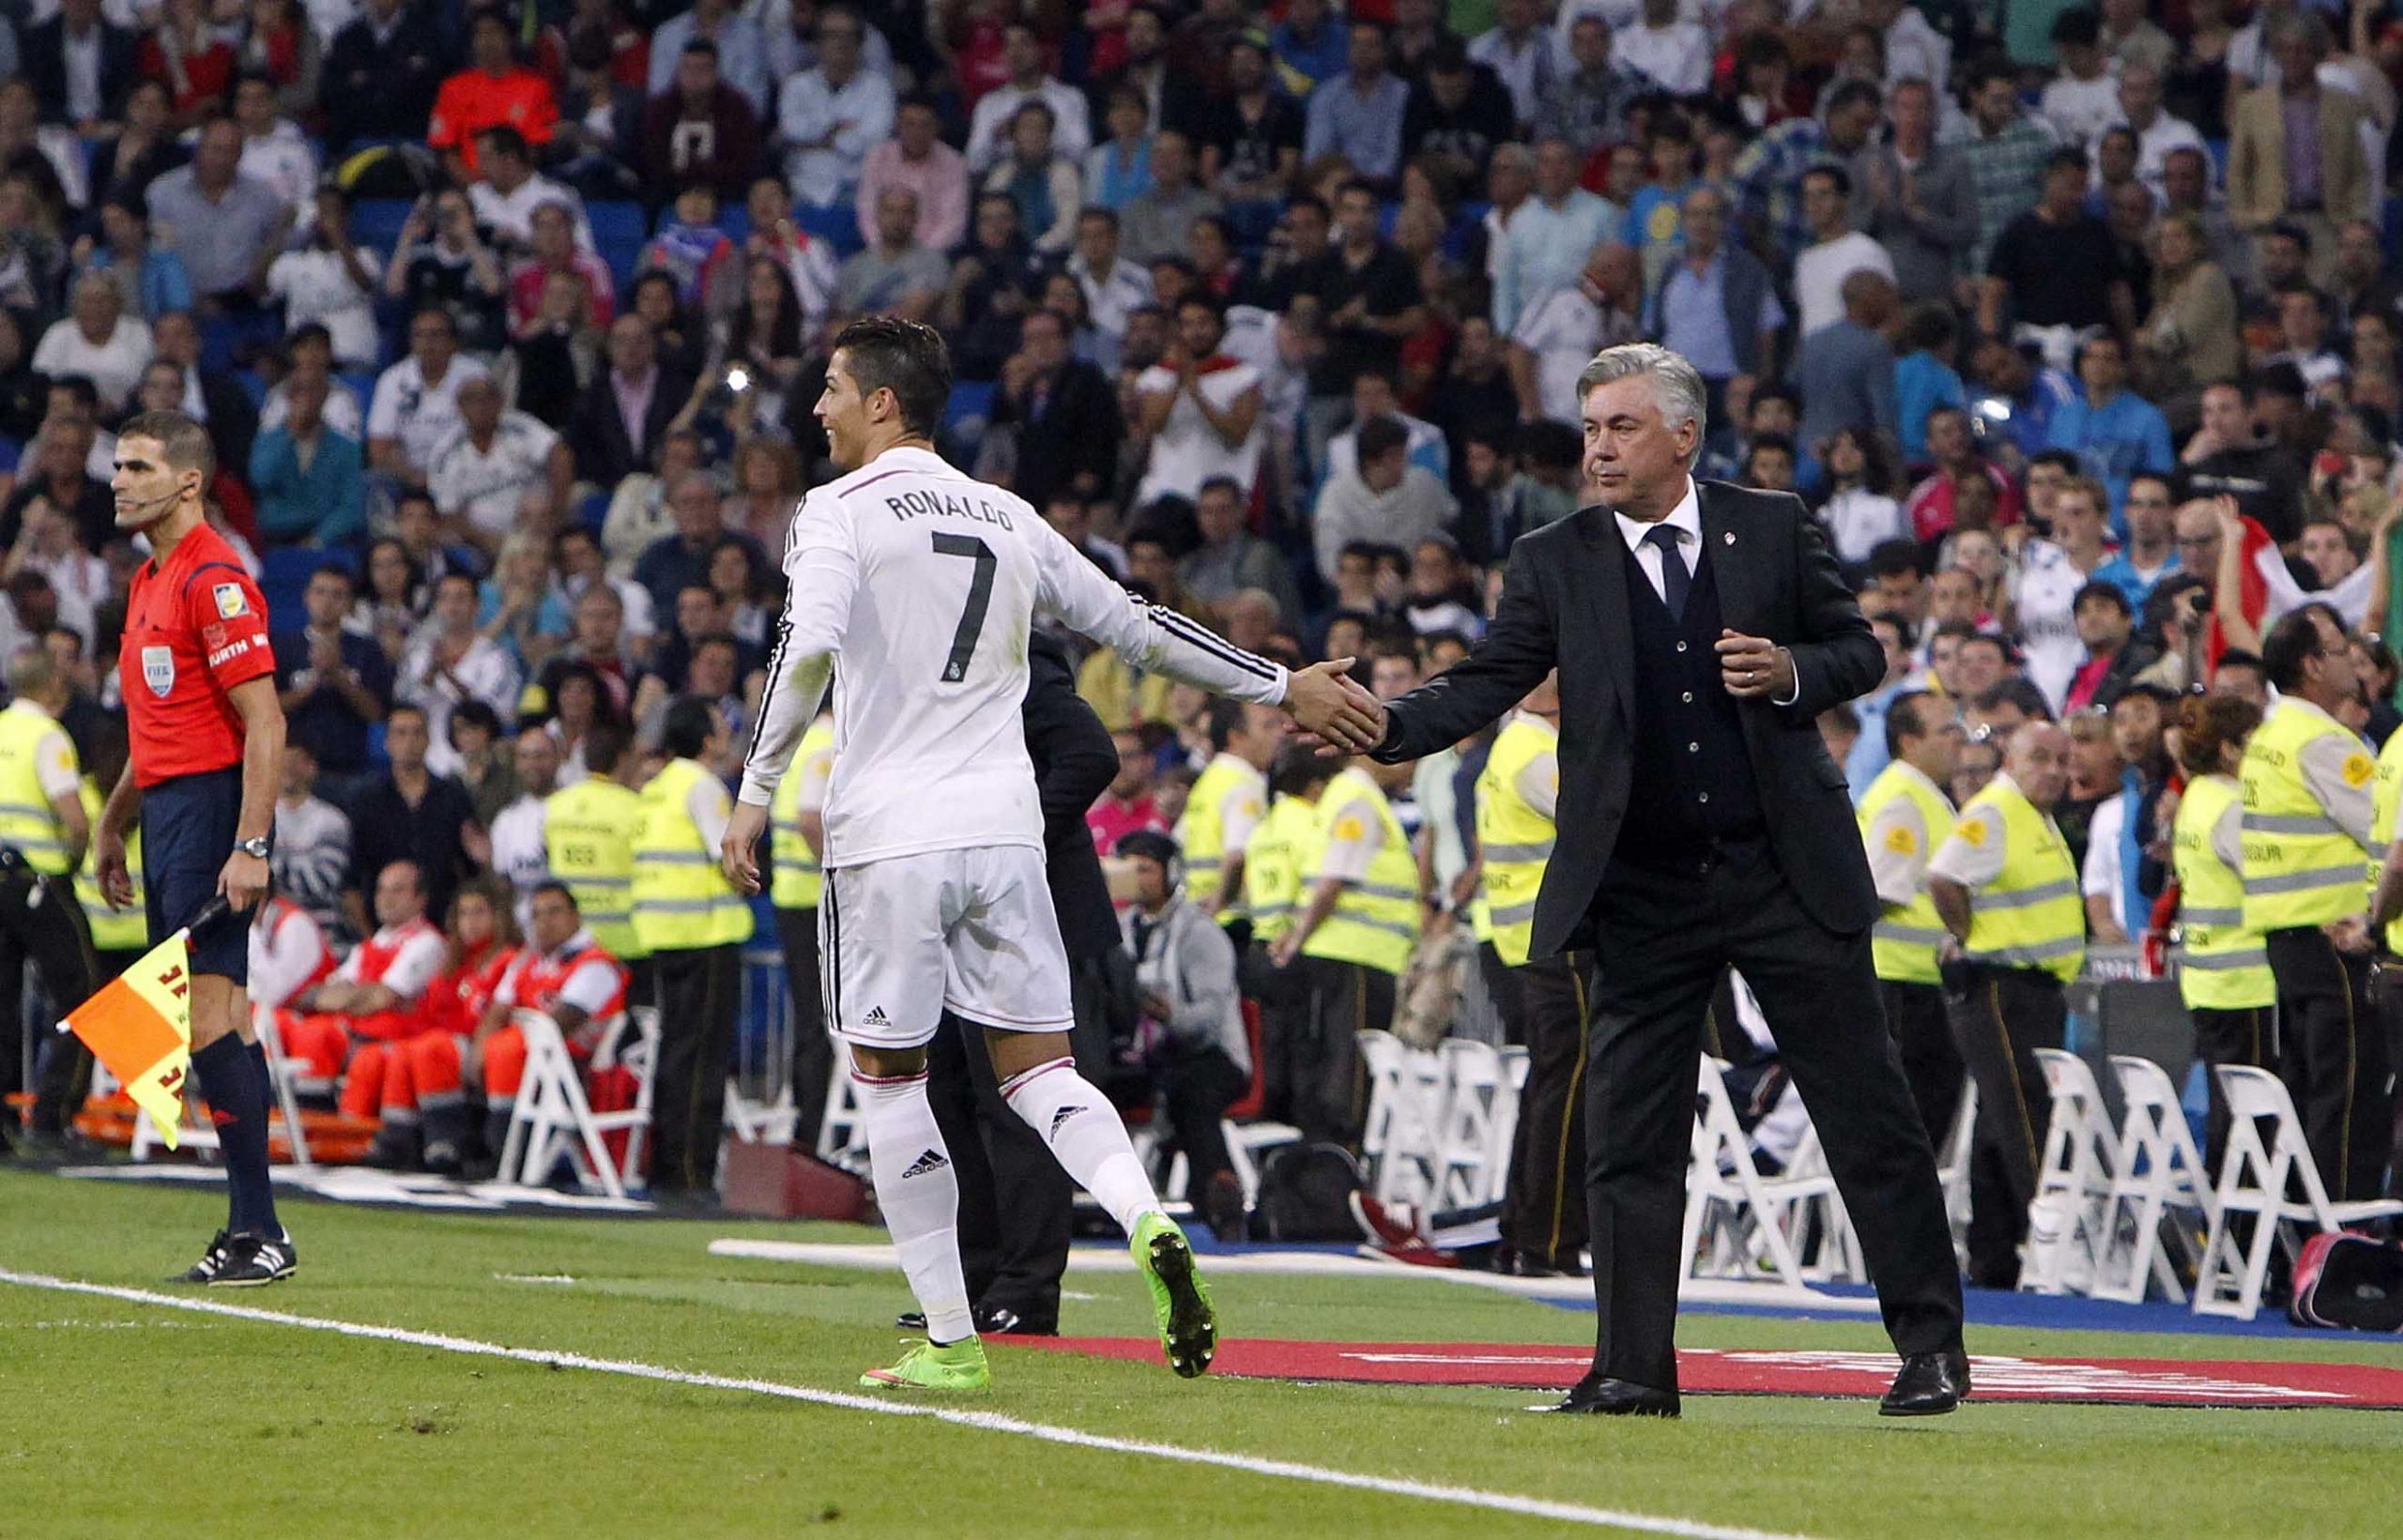 Carlo Ancelotti with Cristiano Ronaldo